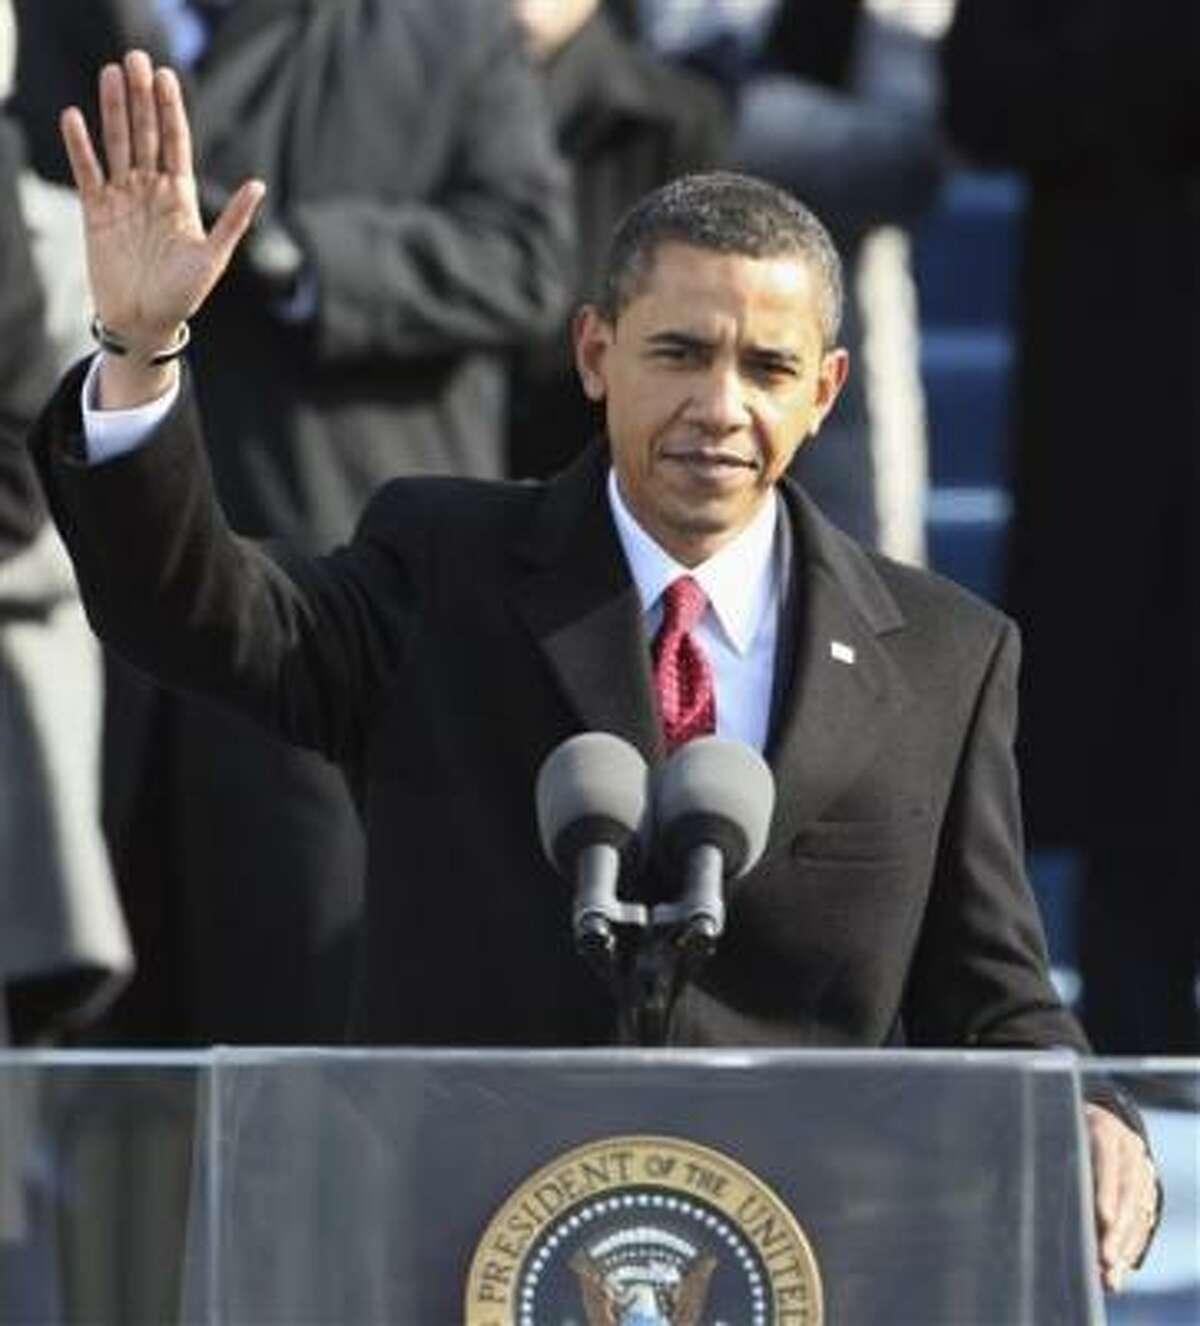 Obama saluda a la multitud en el Capitolio.